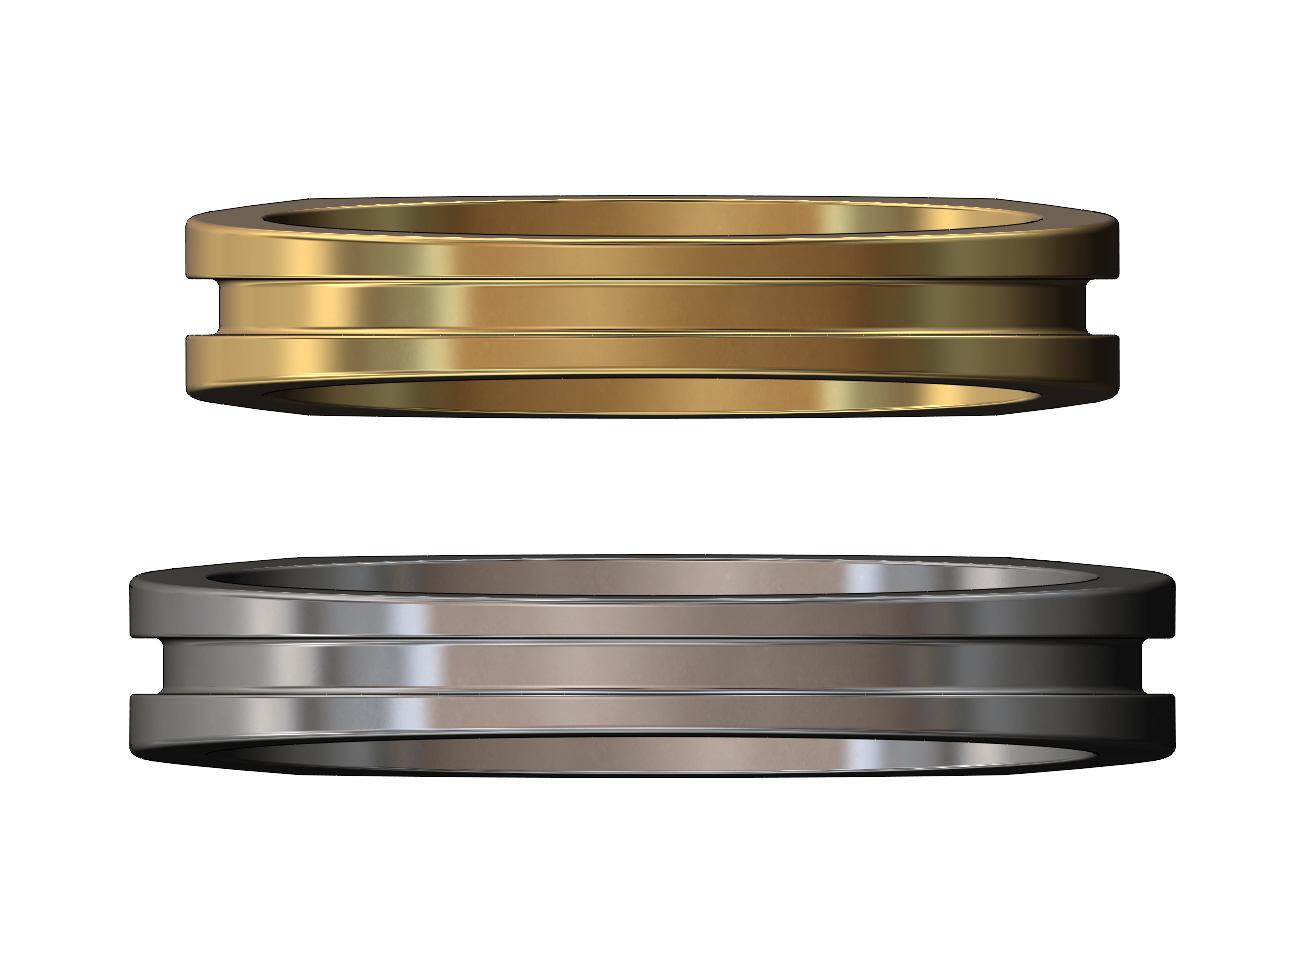 dome-signet-ring-10.JPG Télécharger fichier 3MF Modèle d'impression 3D de la bague de signature du dôme • Modèle imprimable en 3D, RachidSW